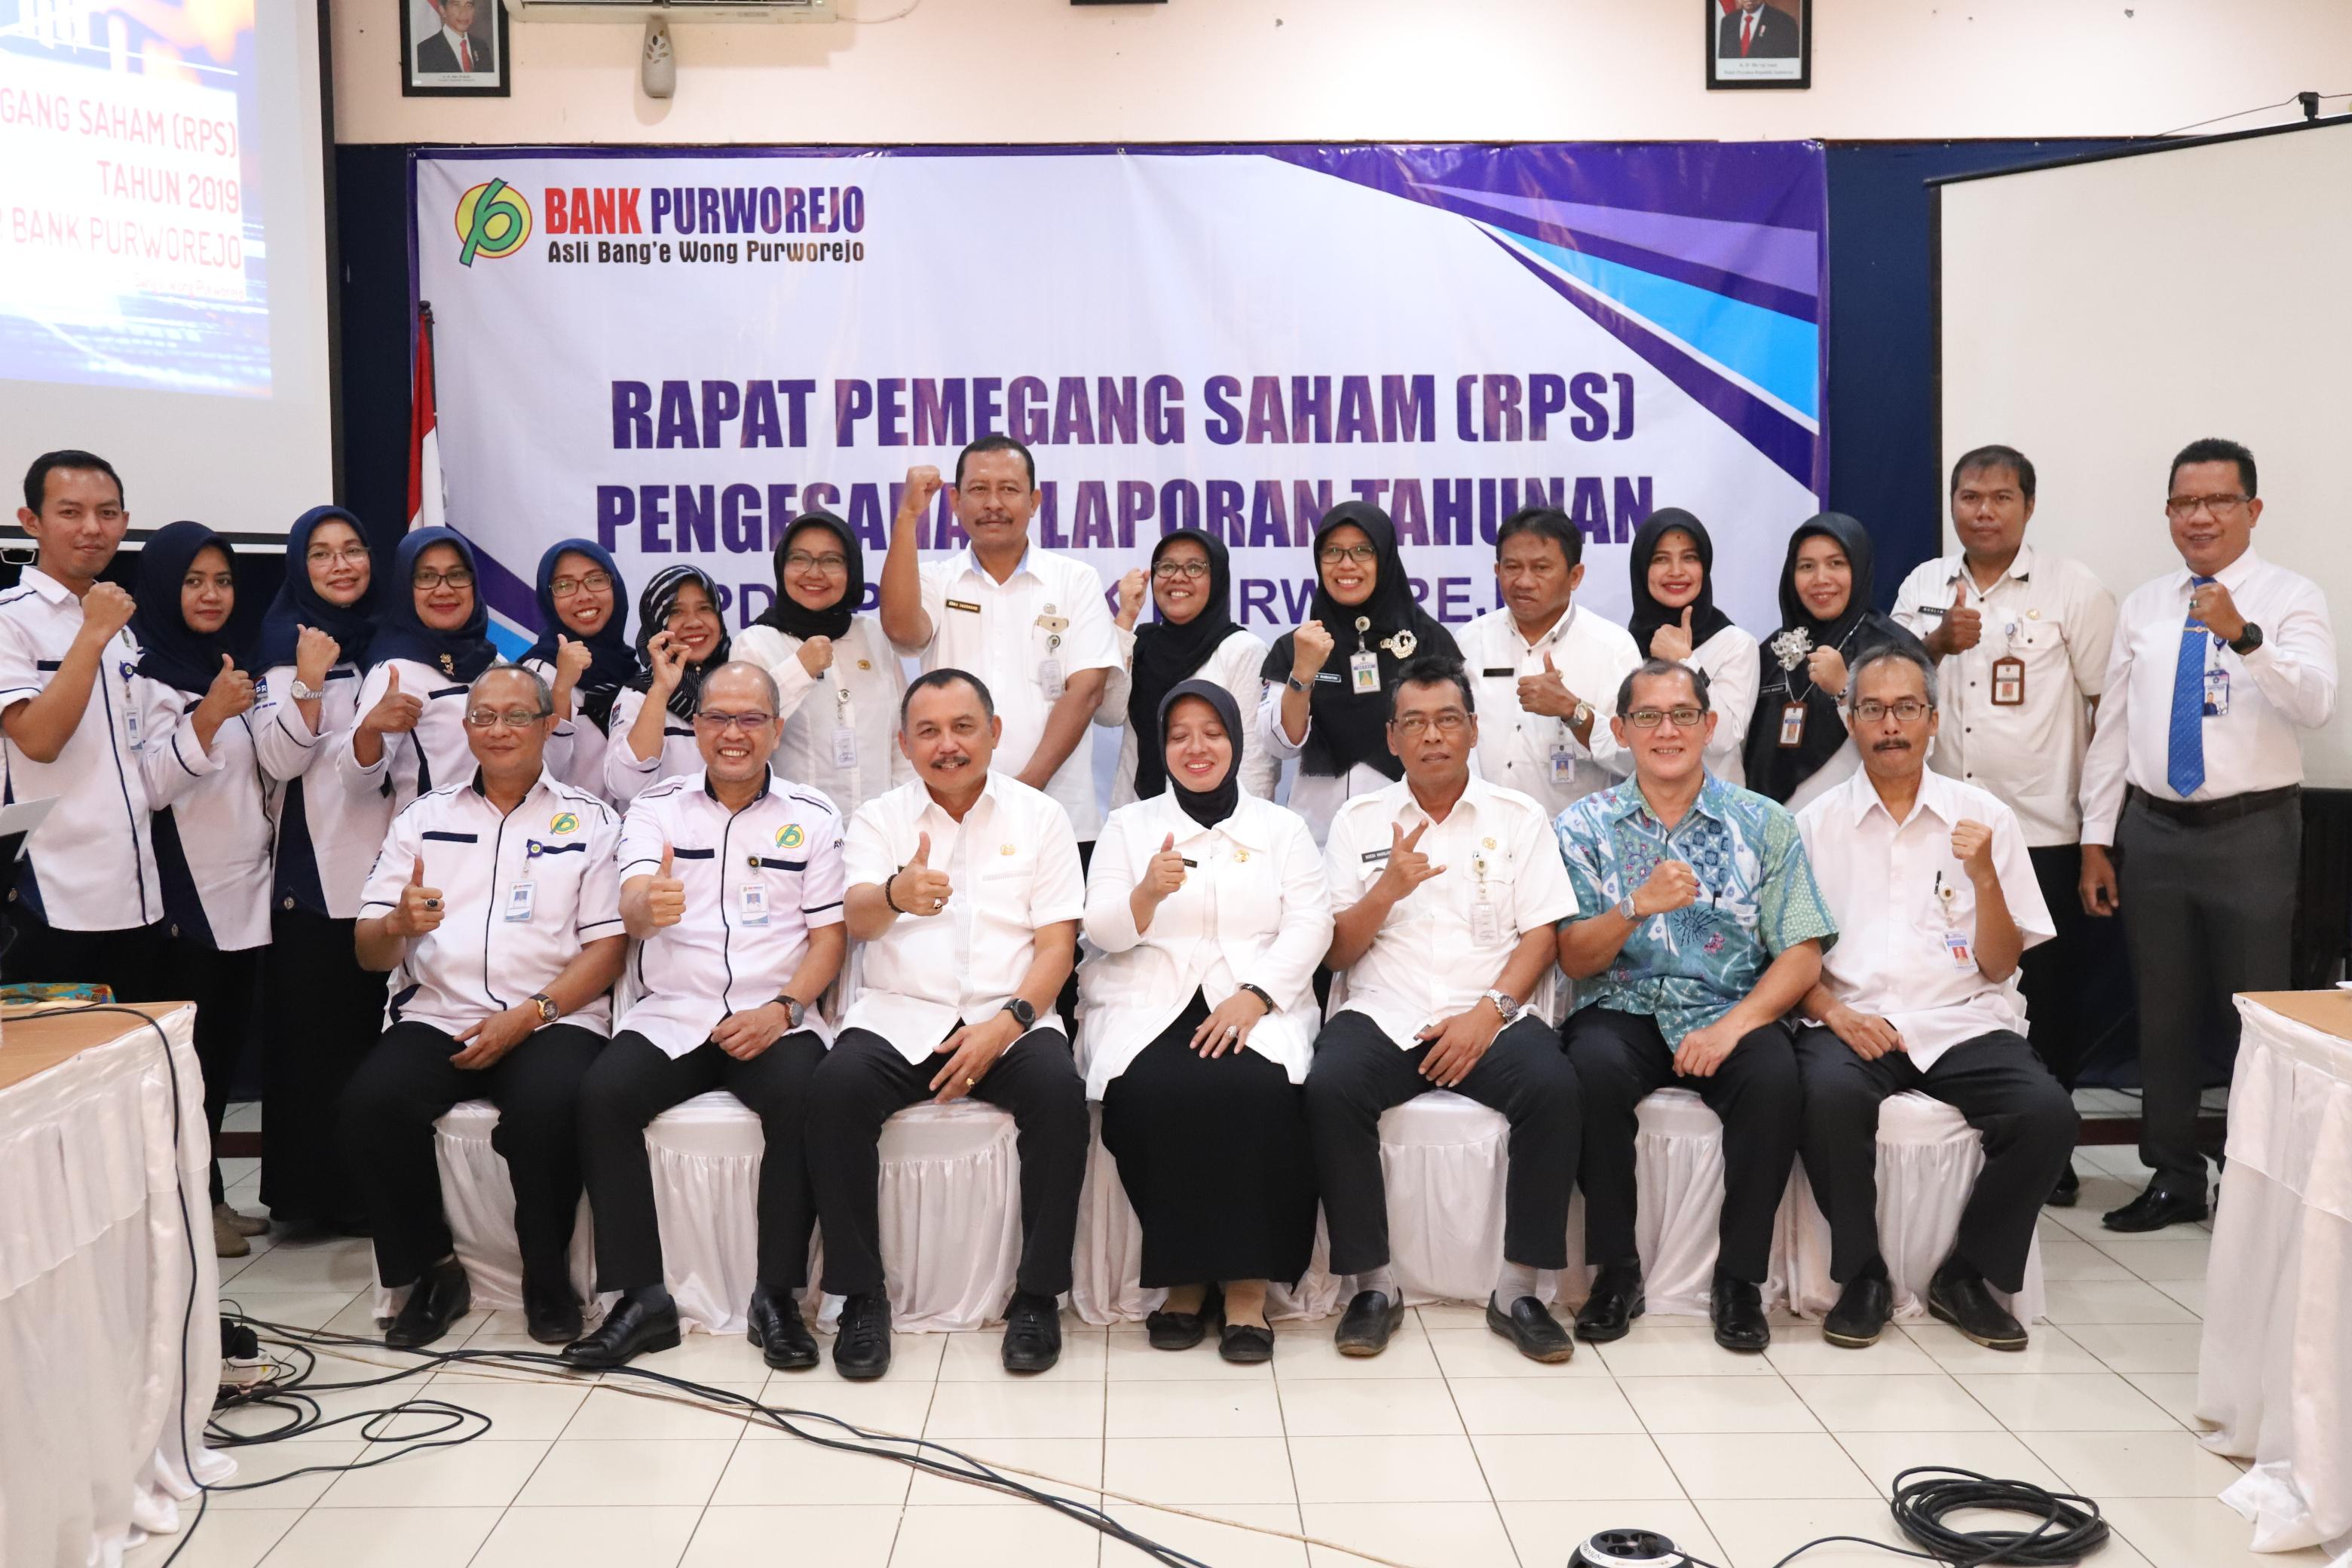 Bupati Minta Bank Purworejo Jaga dan Kembangkan Eksistensinya